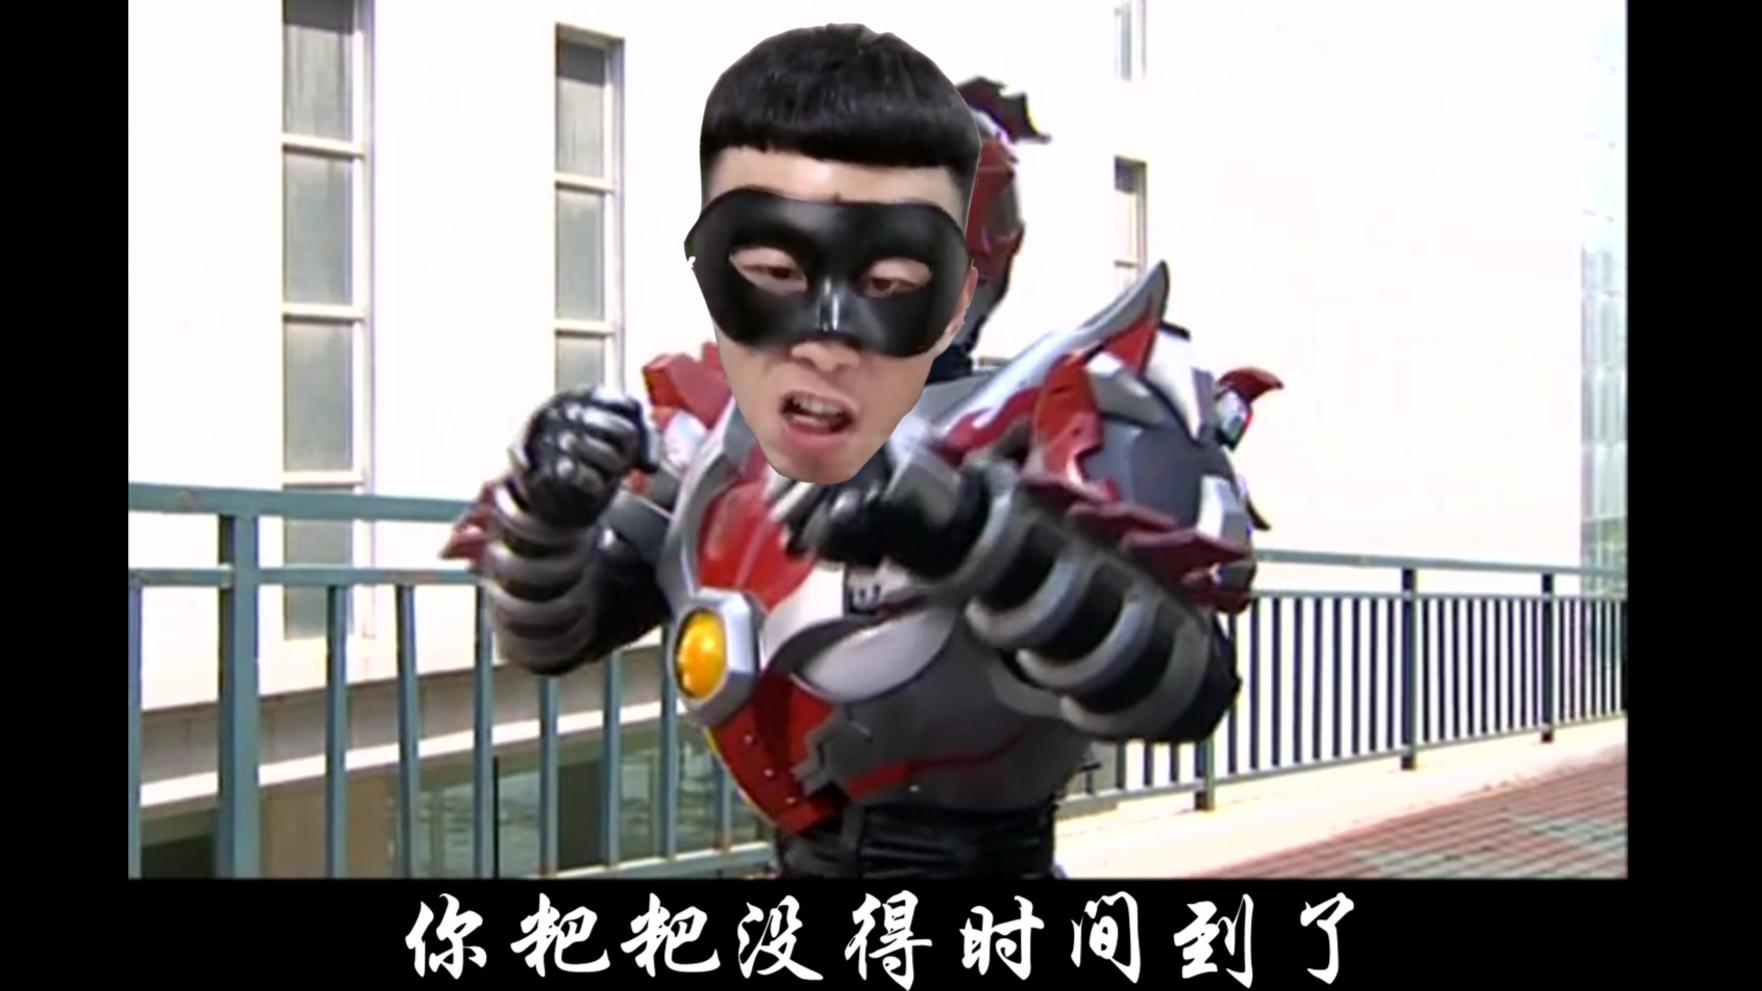 【老八】 撤硕勇士vs鲲鲲怪